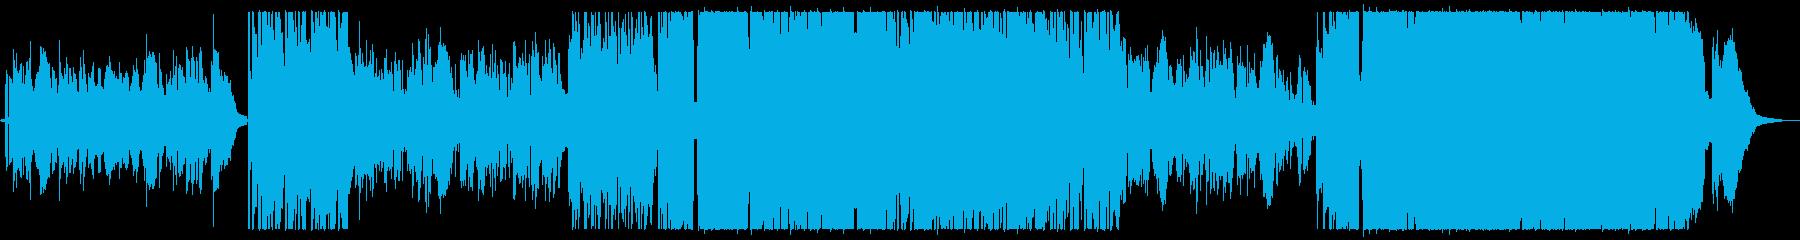 優しい雰囲気のアコギバラードですの再生済みの波形